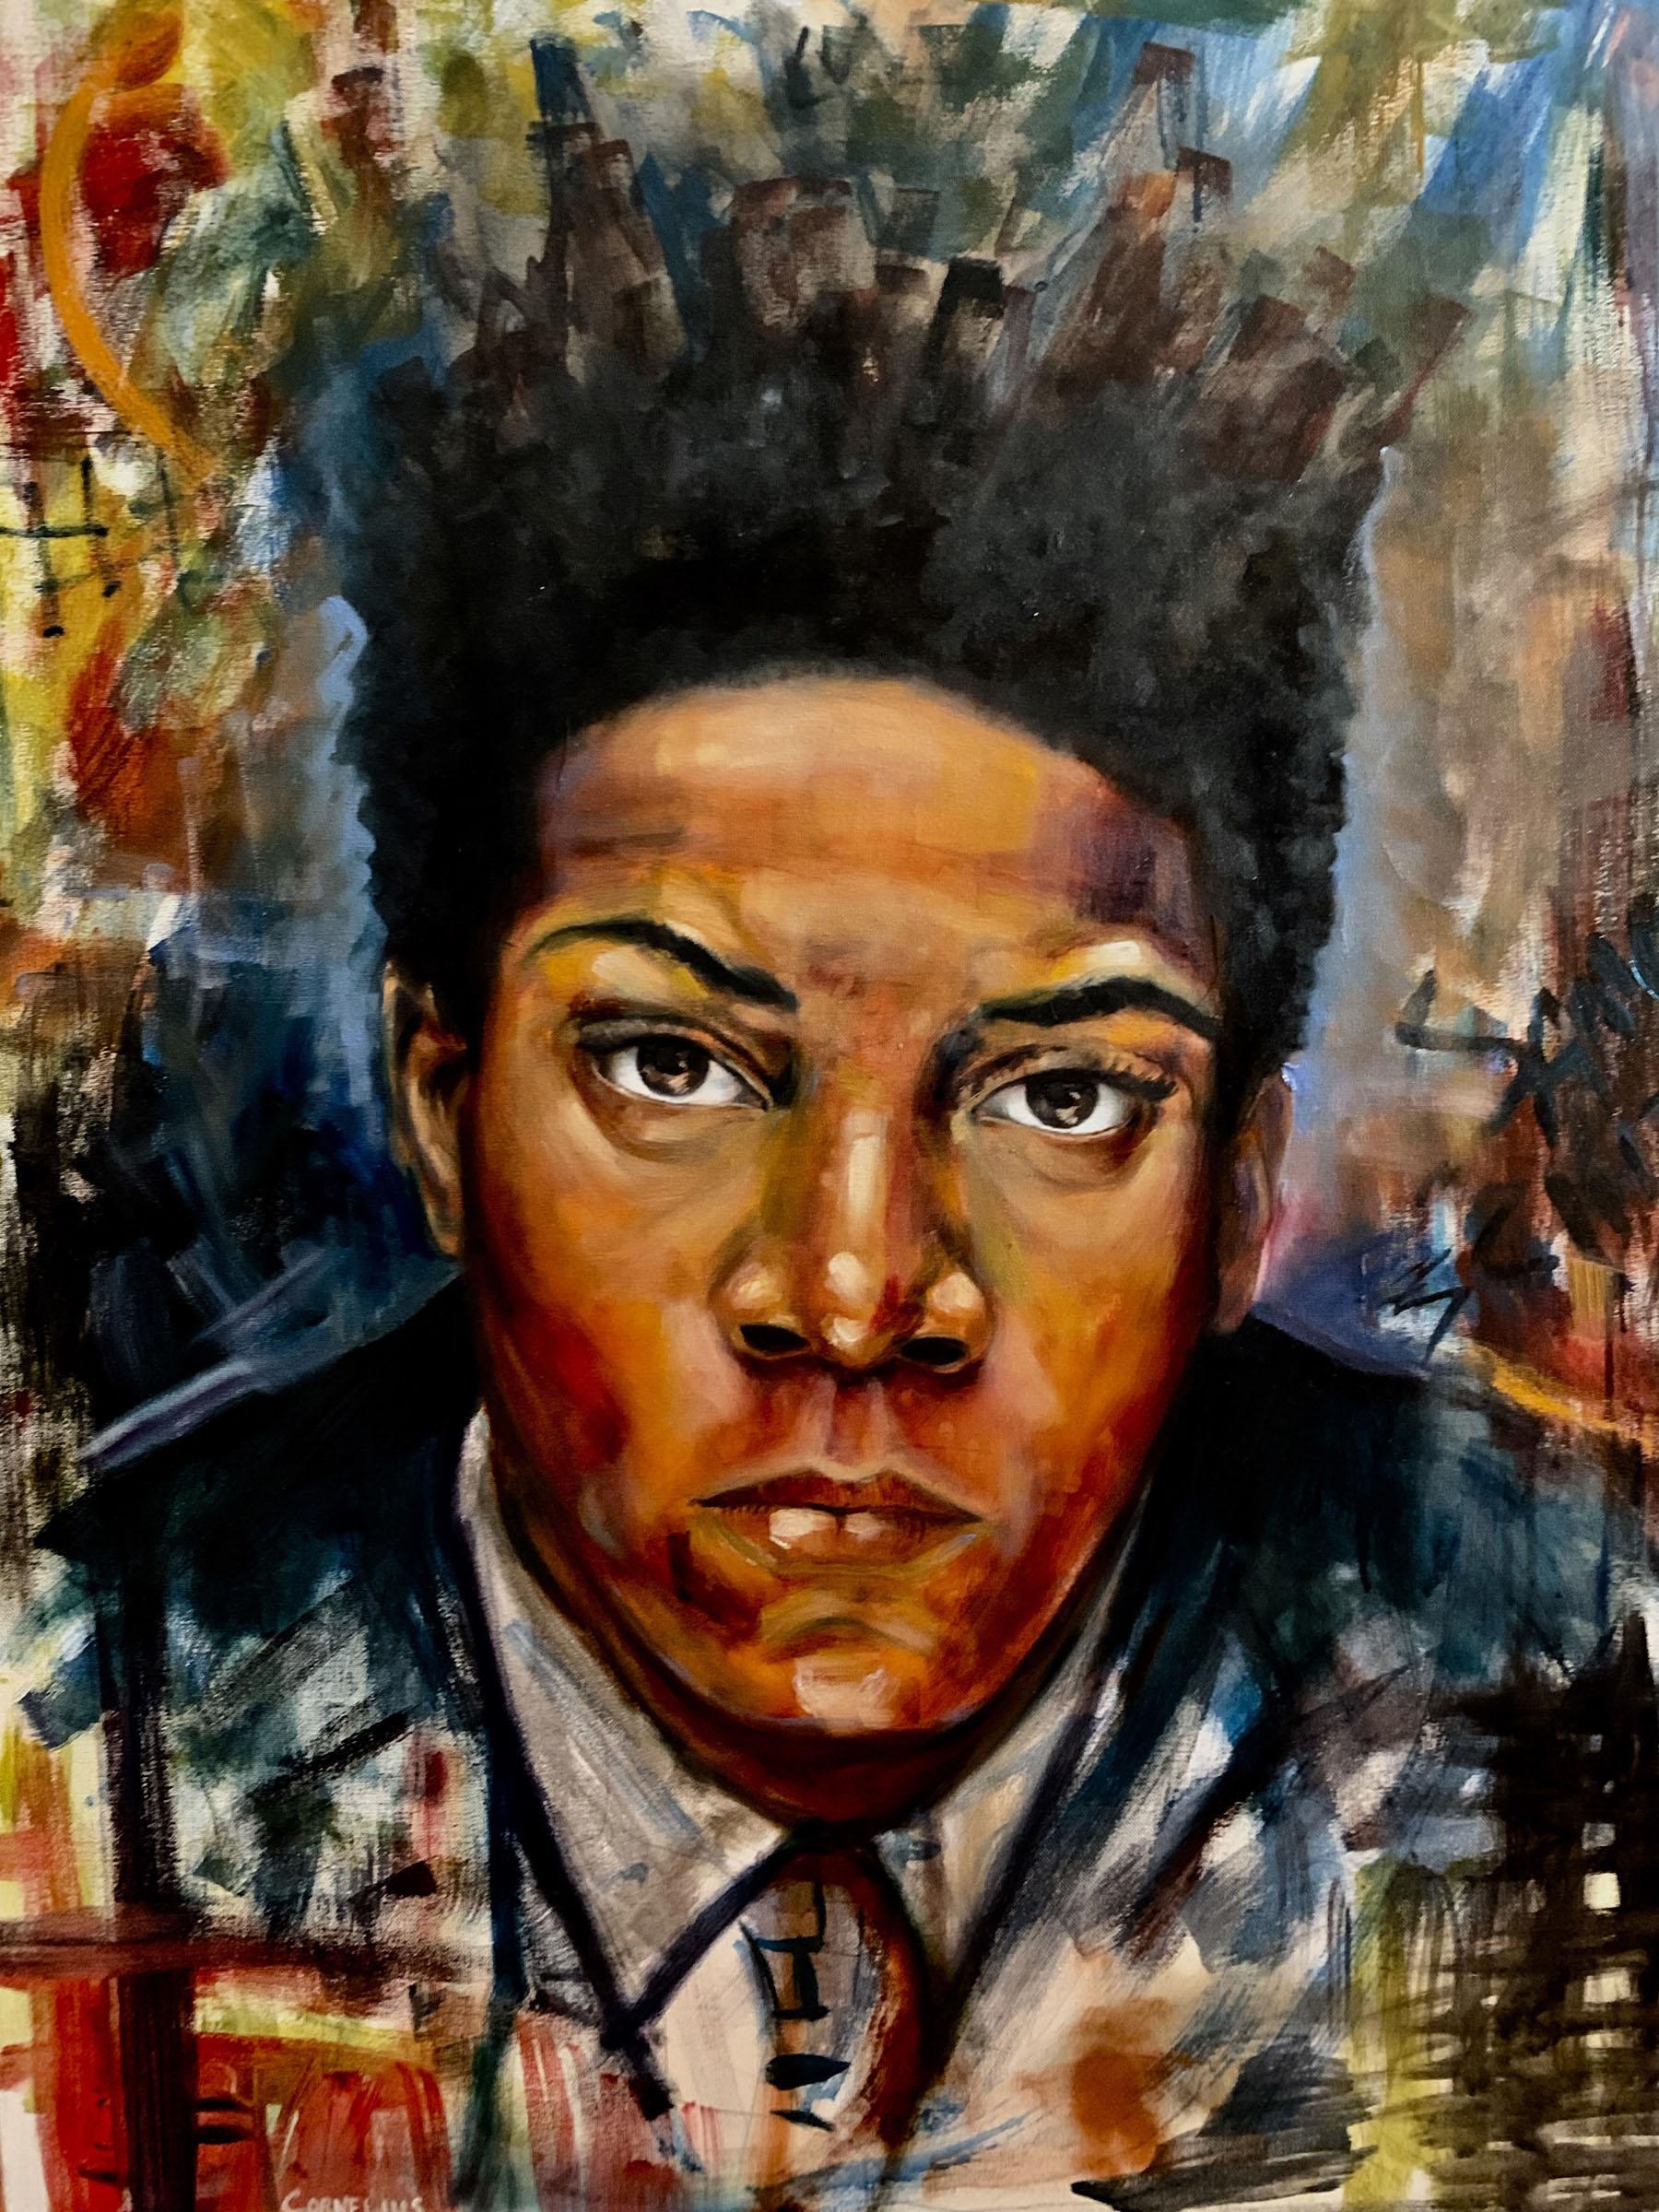 Cornelius Carter